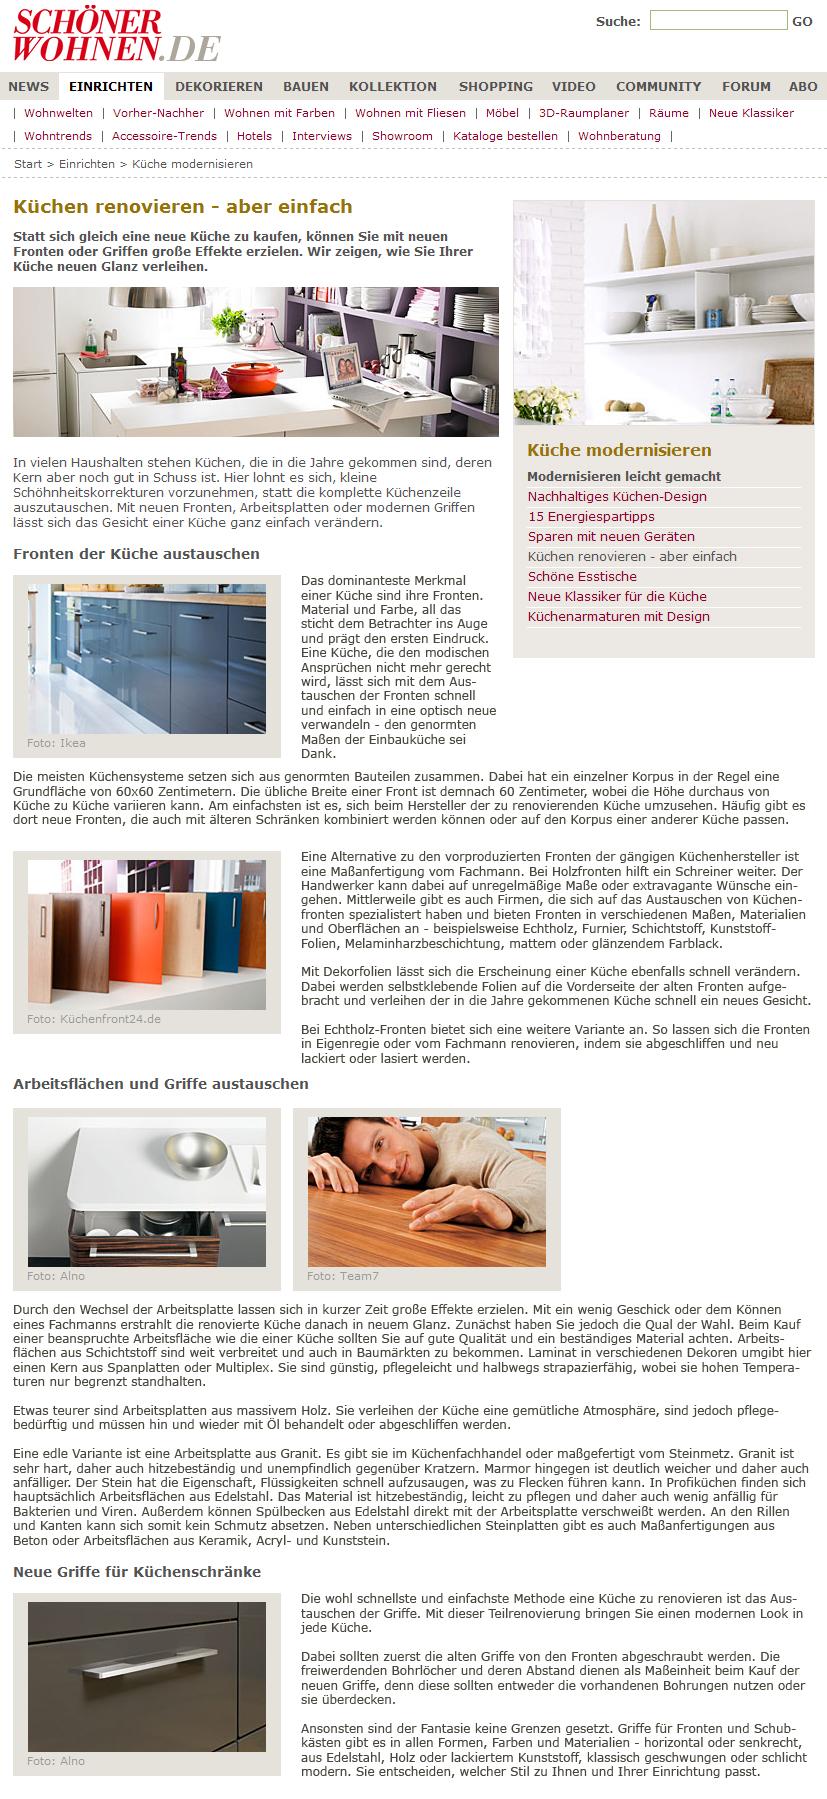 sch ner wohnen 08 2010 k chenfront 24. Black Bedroom Furniture Sets. Home Design Ideas